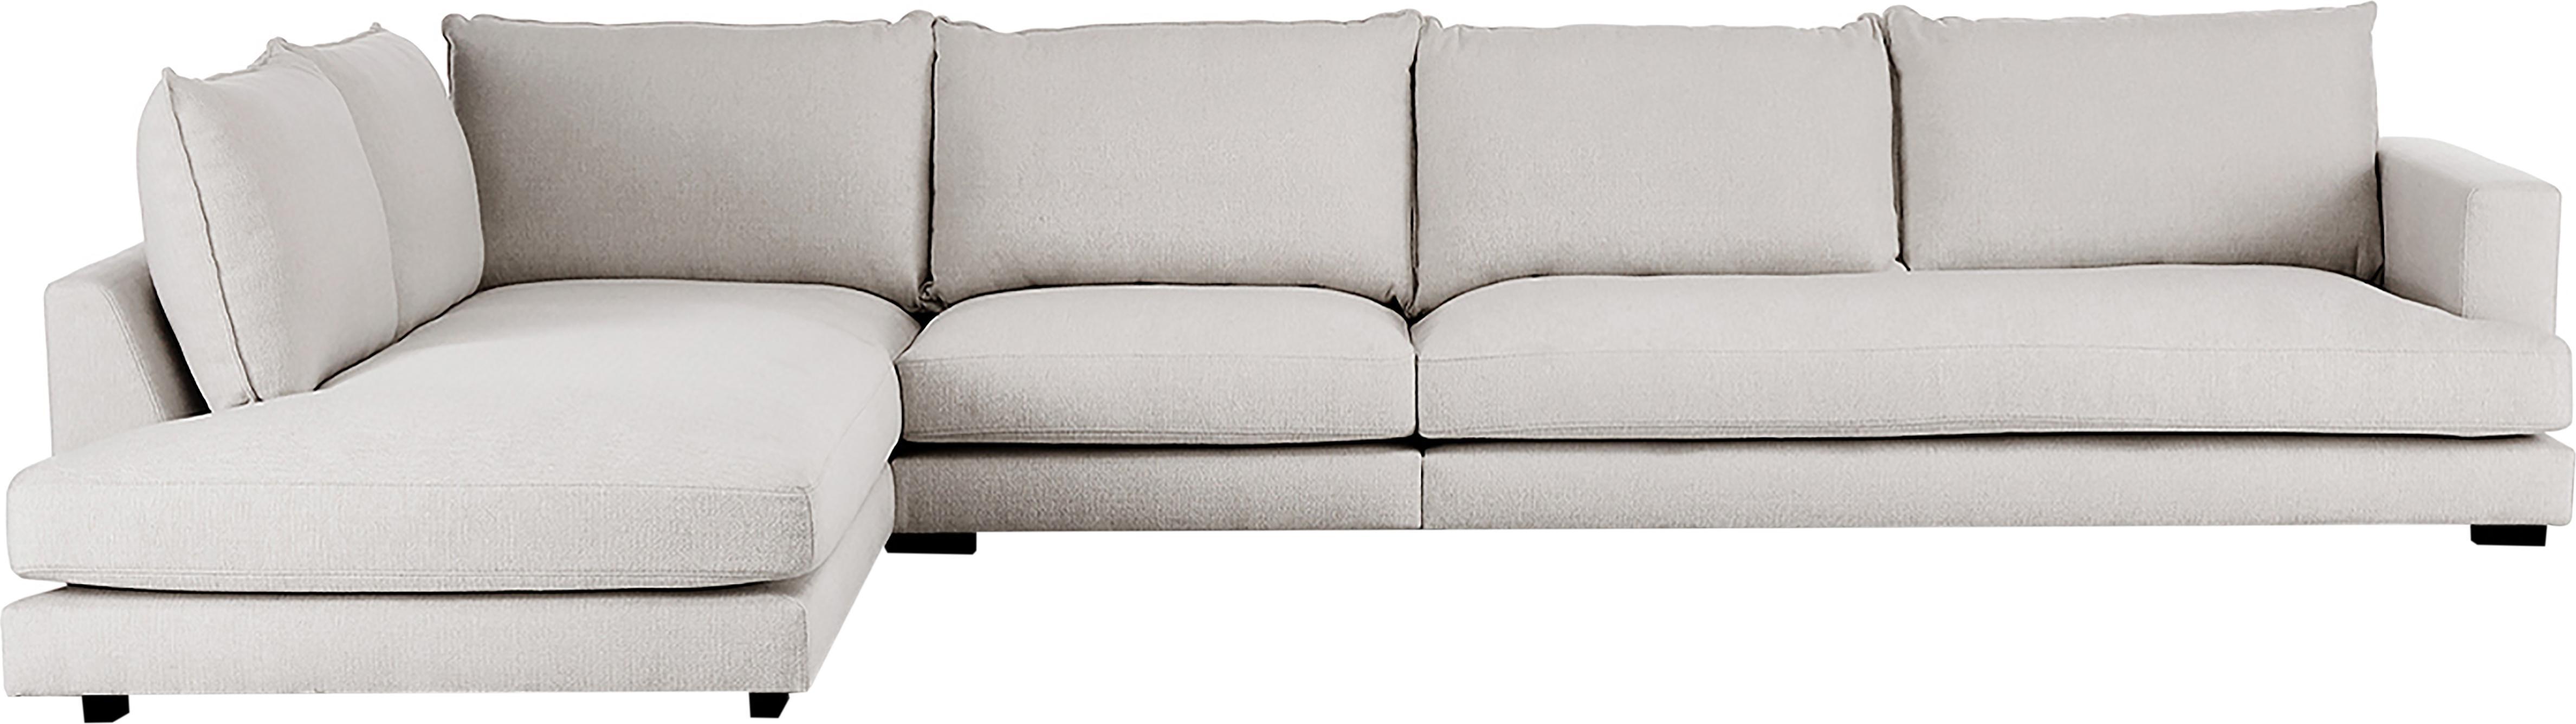 XL-Ecksofa Tribeca, Bezug: Polyester 25.000 Scheuert, Sitzfläche: Schaumpolster, Fasermater, Gestell: Massives Kiefernholz, Webstoff Beigegrau, B 405 x T 228 cm